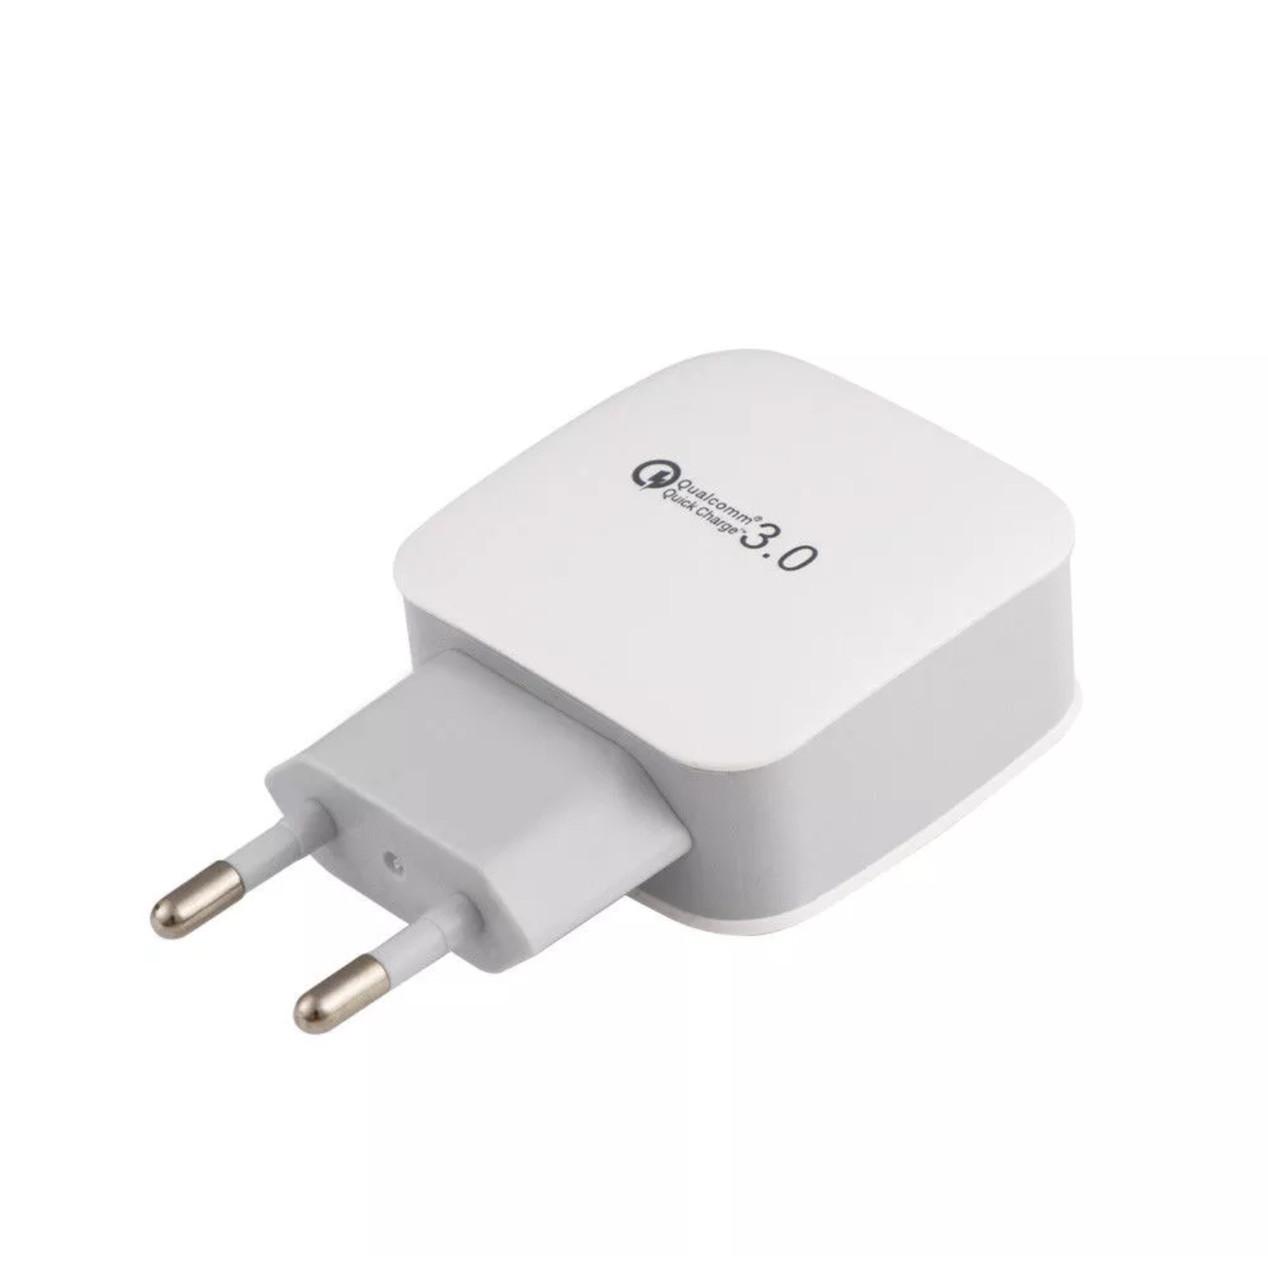 Сетевое зарядное устройство быстрой зарядки Qualcomm Quick Charge 3.0 1USB  (белый)